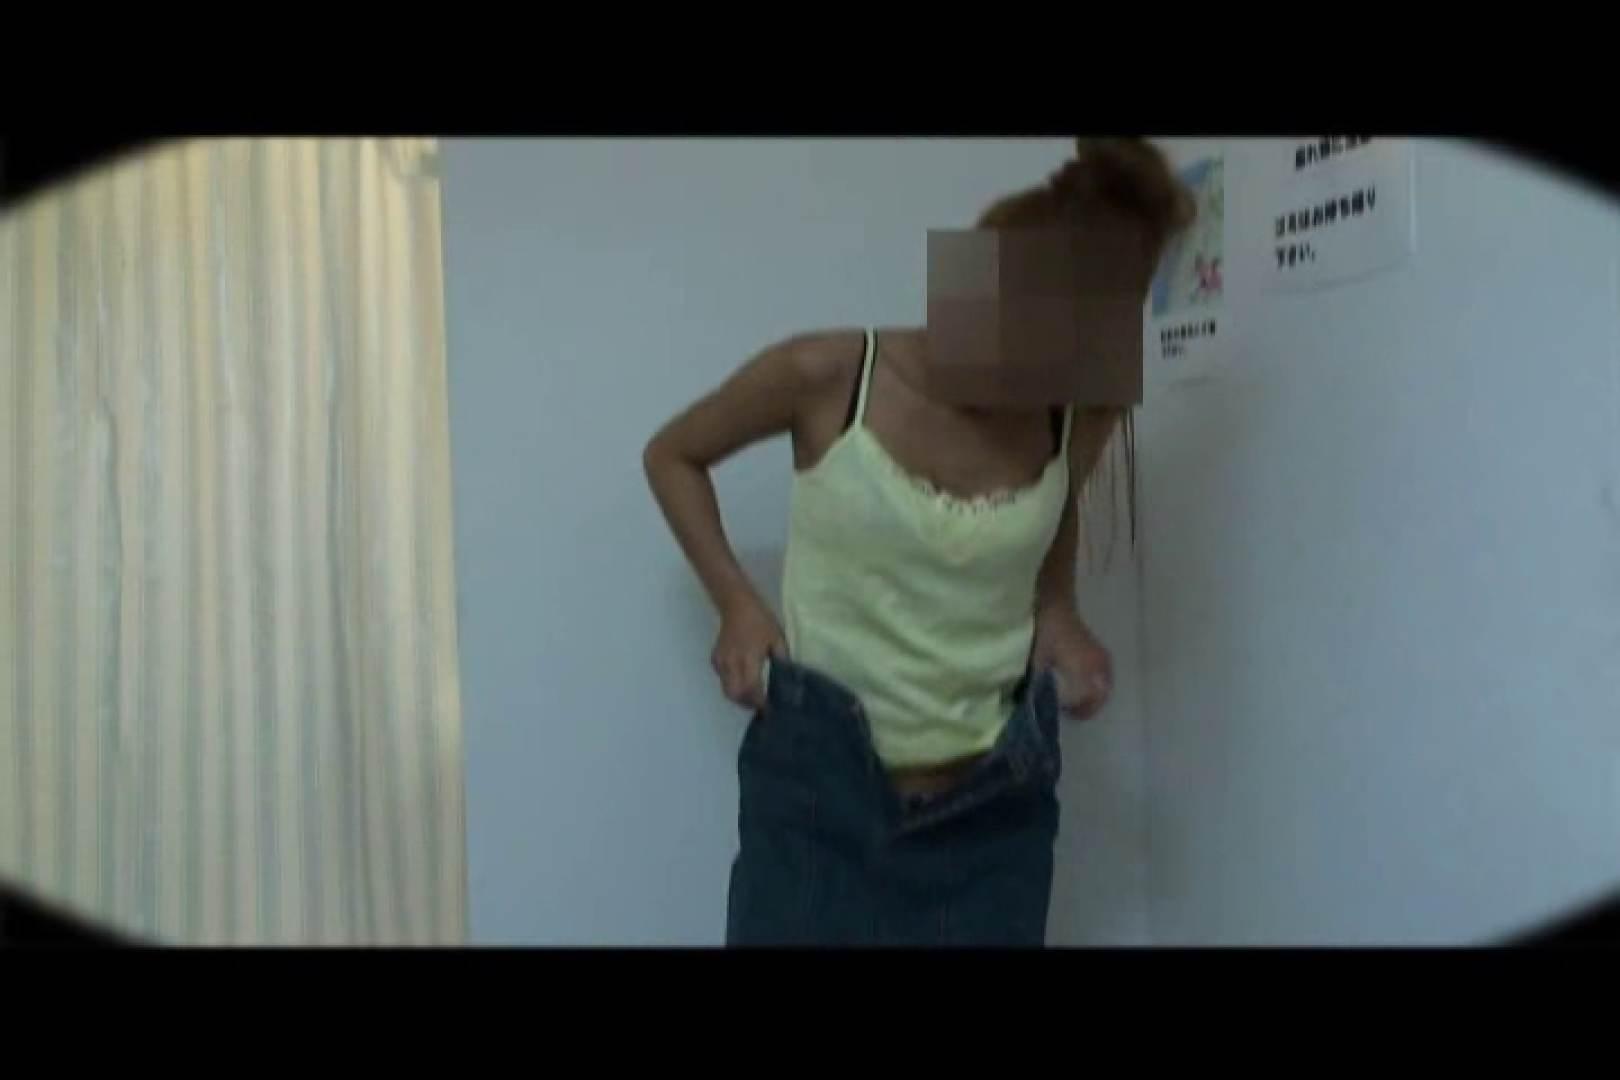 堅実でケチな女性程盗撮される。vol.07 イケイケギャルの大胆洗体! モロだしオマンコ セックス無修正動画無料 78pic 6